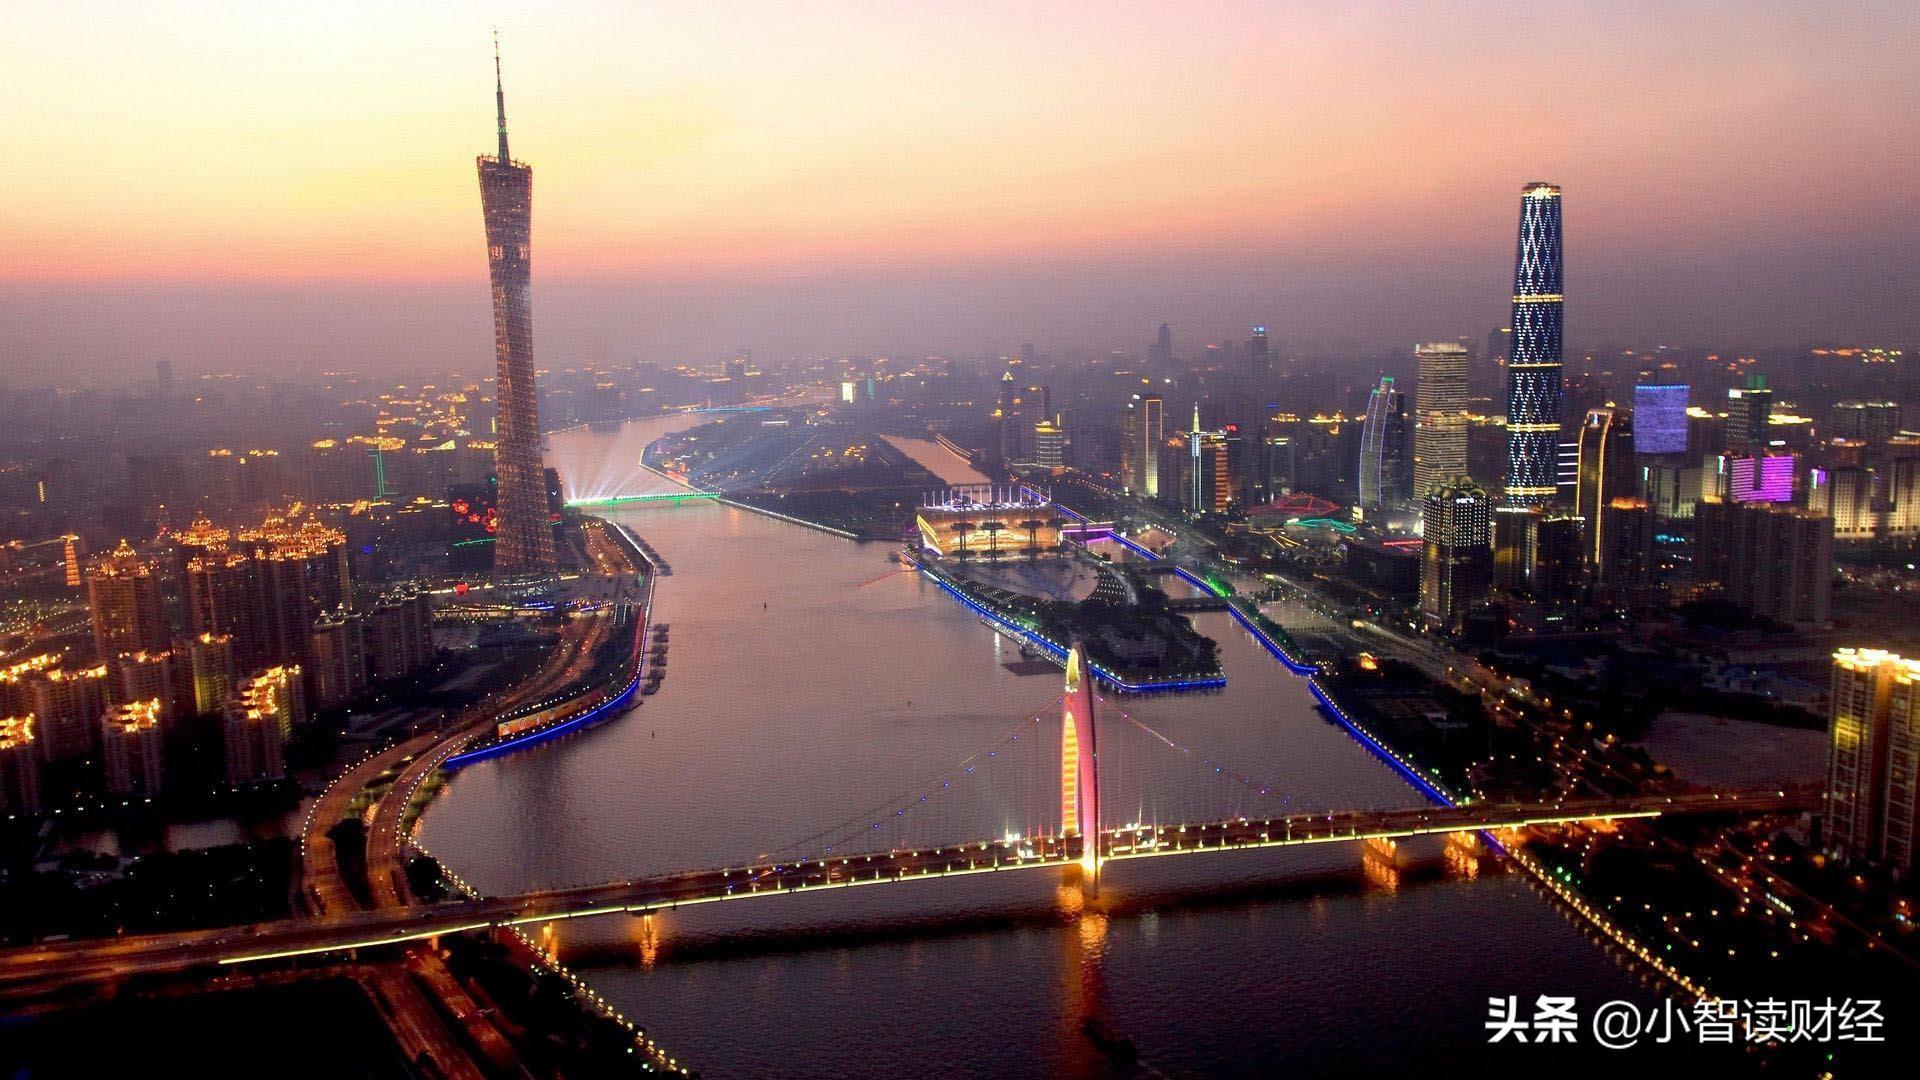 深圳人均GDP和韩国相当,广州接近于捷克,那上海和北京呢?